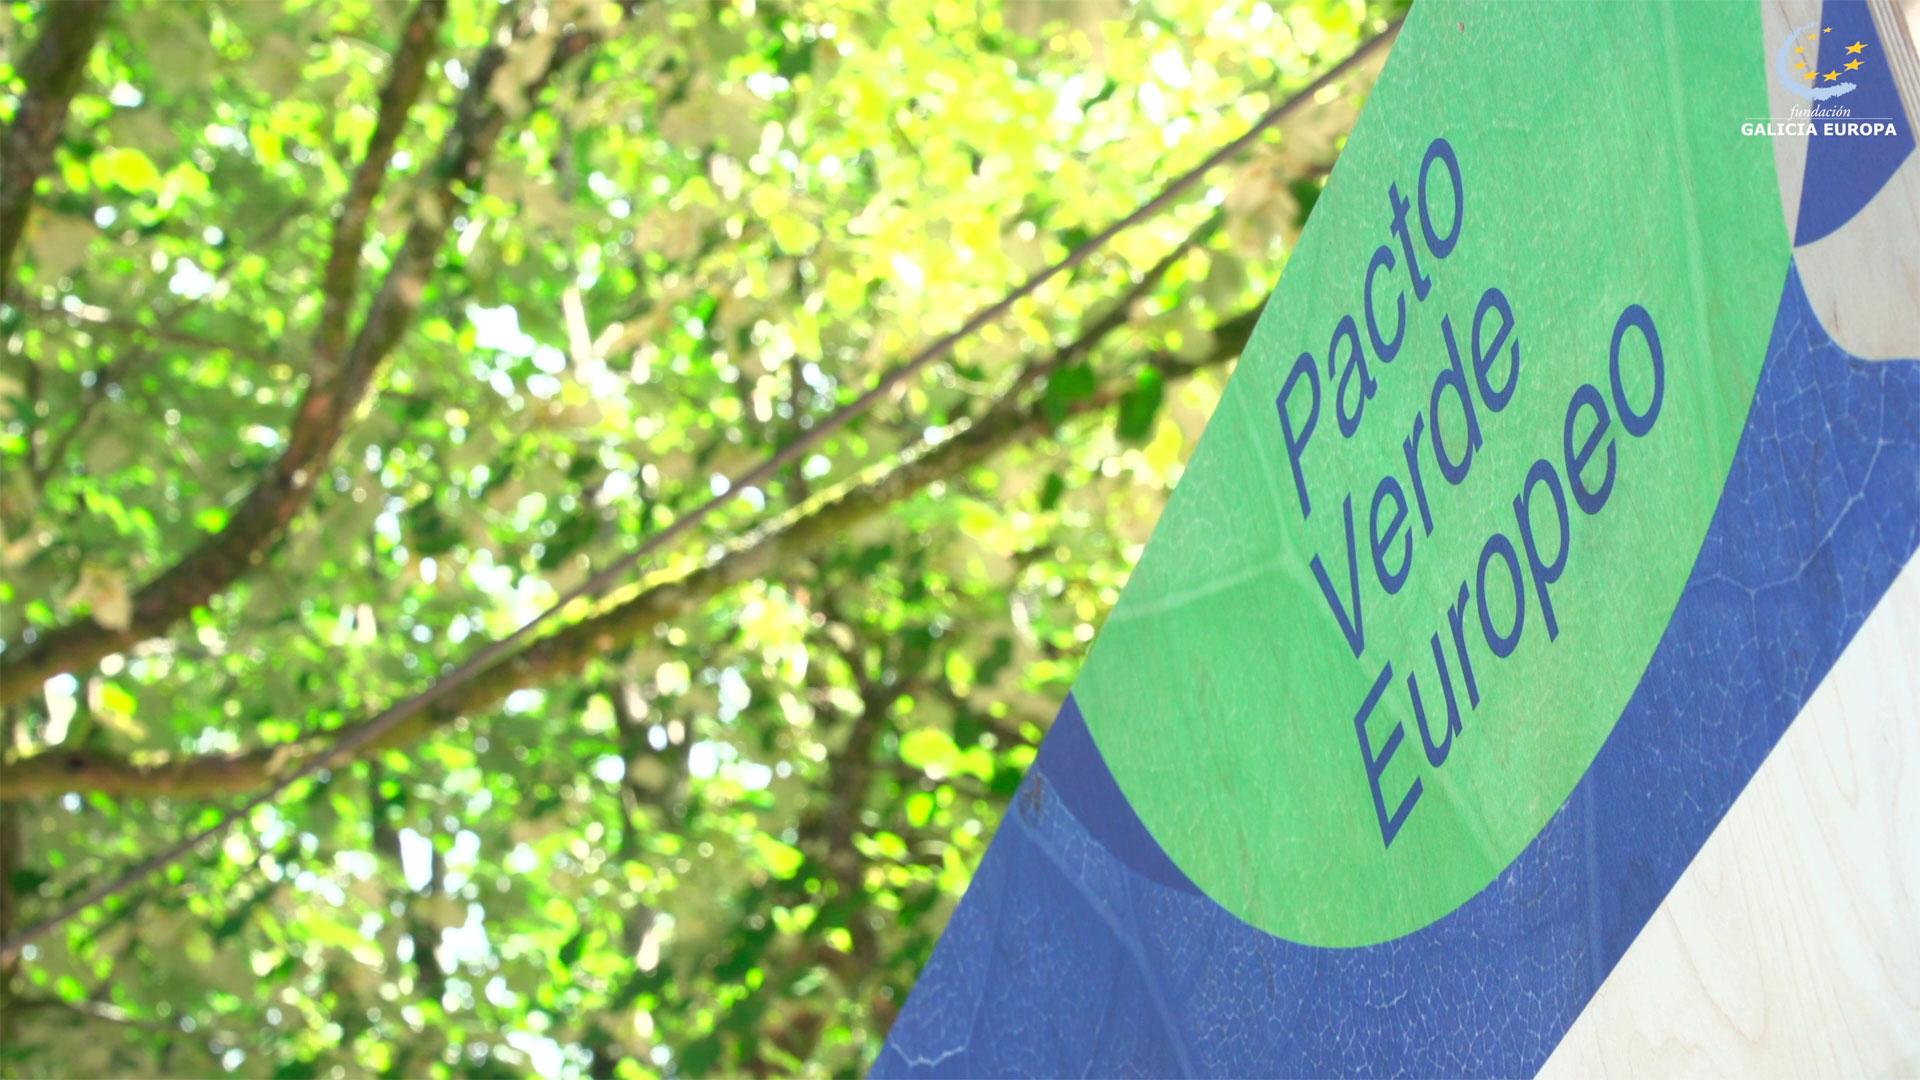 Exposición sobre el Pacto Verde Europeo